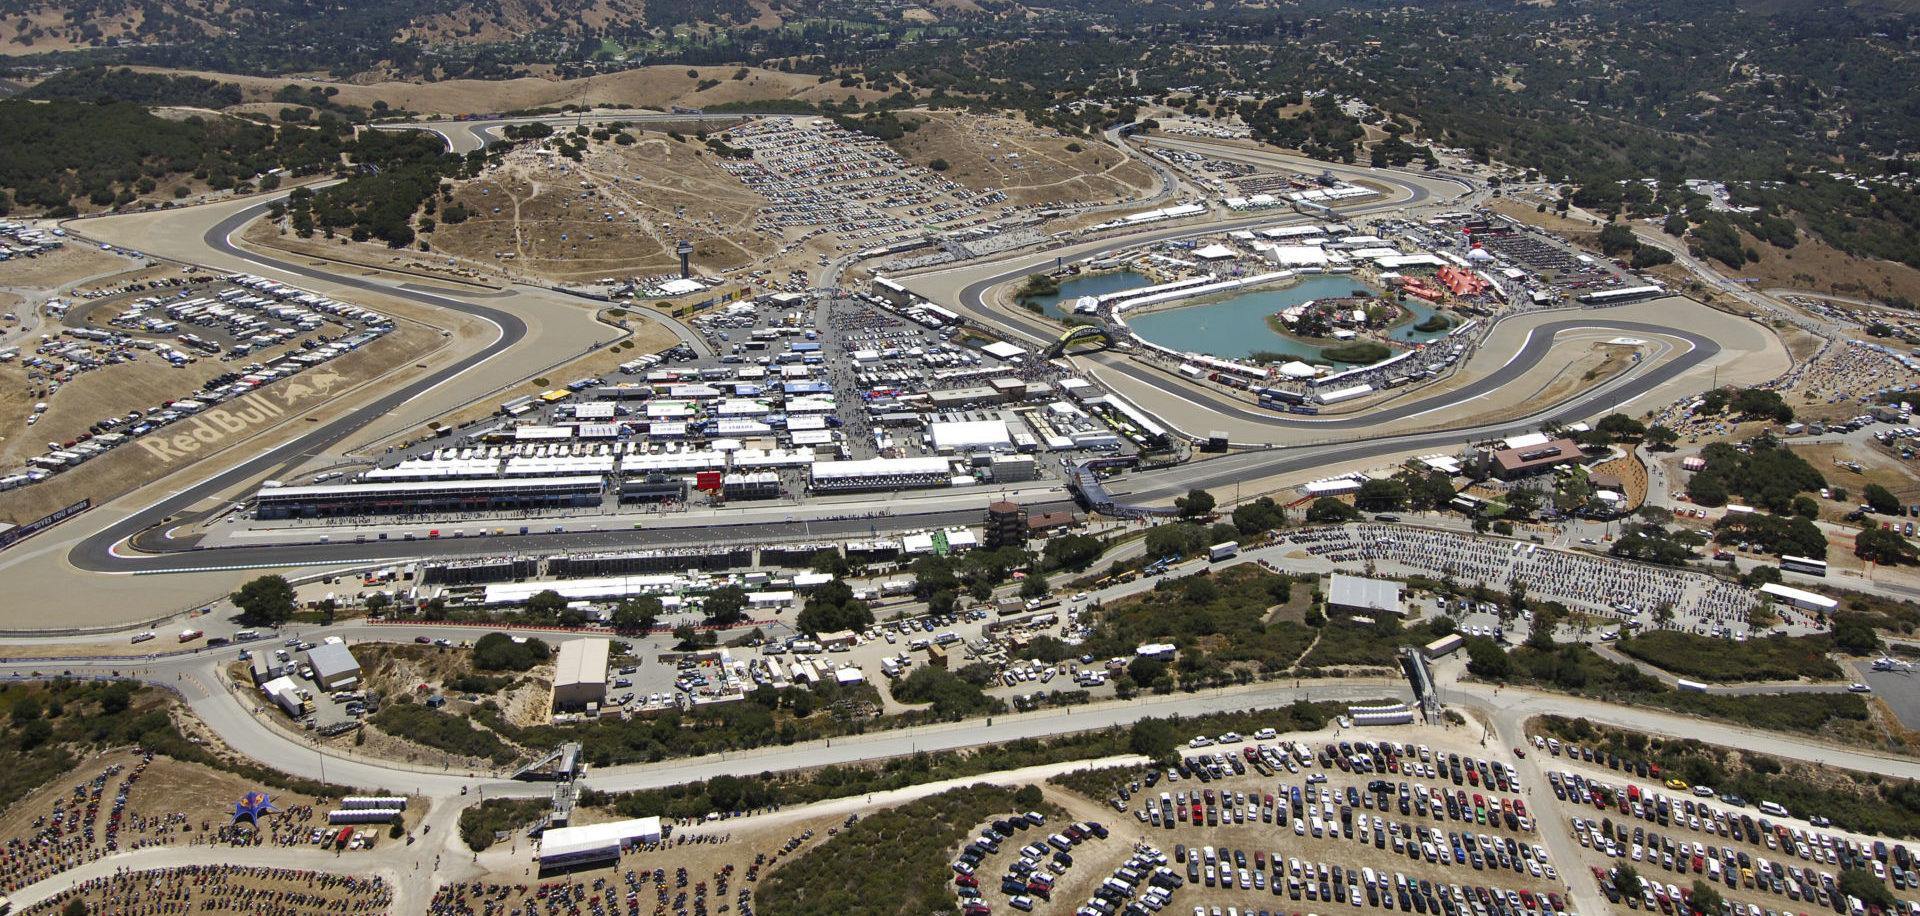 WeatherTech Raceway Laguna Seca. Photo courtesy of WeatherTech Raceway Laguna Seca.